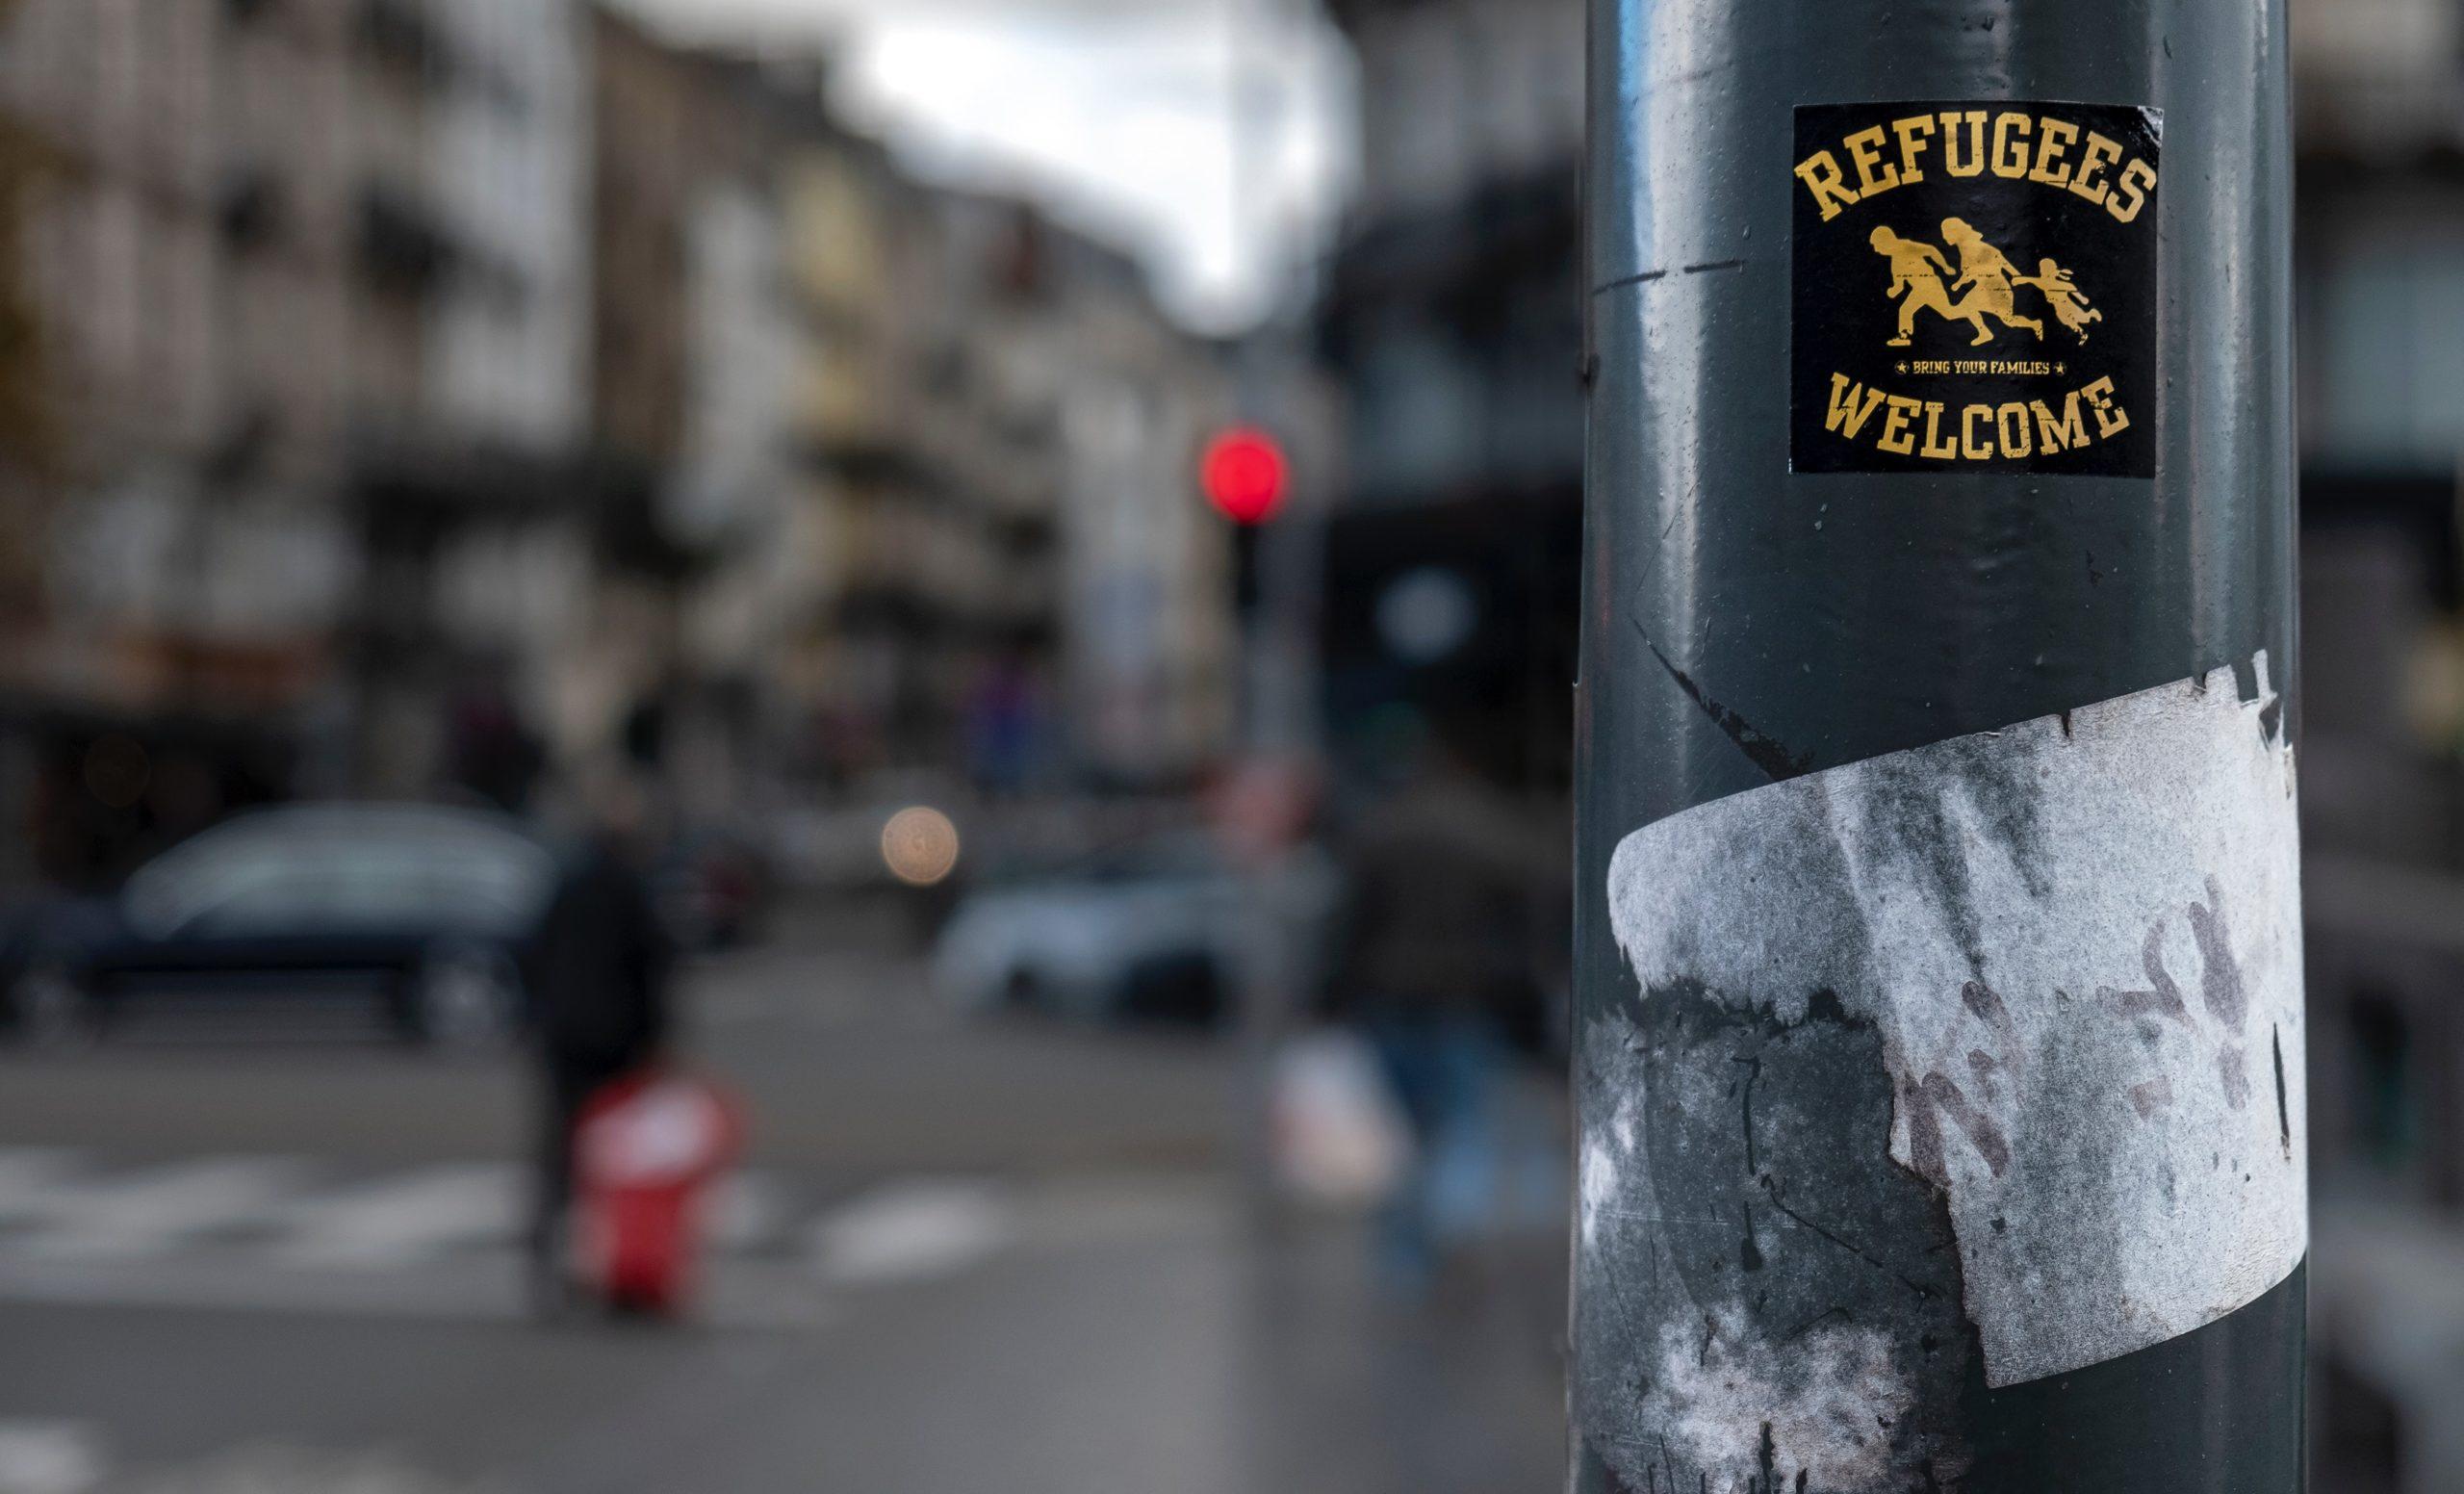 La Région bruxelloise prend des mesures pour le public vulnérable des transmigrants